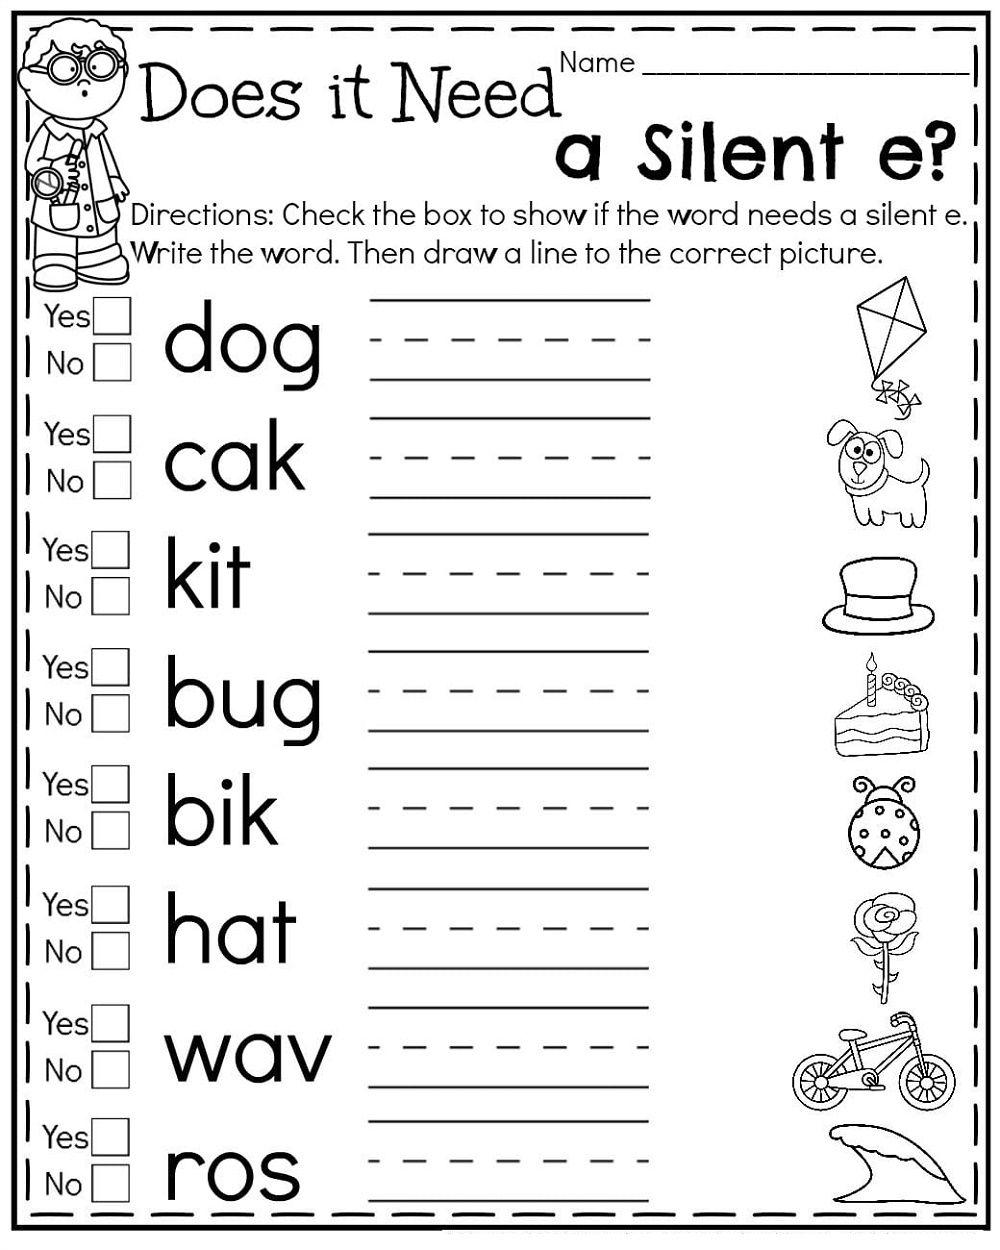 1st Grade Worksheets K5 Worksheets 2nd Grade Worksheets 1st Grade Worksheets First Grade Worksheets [ 1250 x 1000 Pixel ]